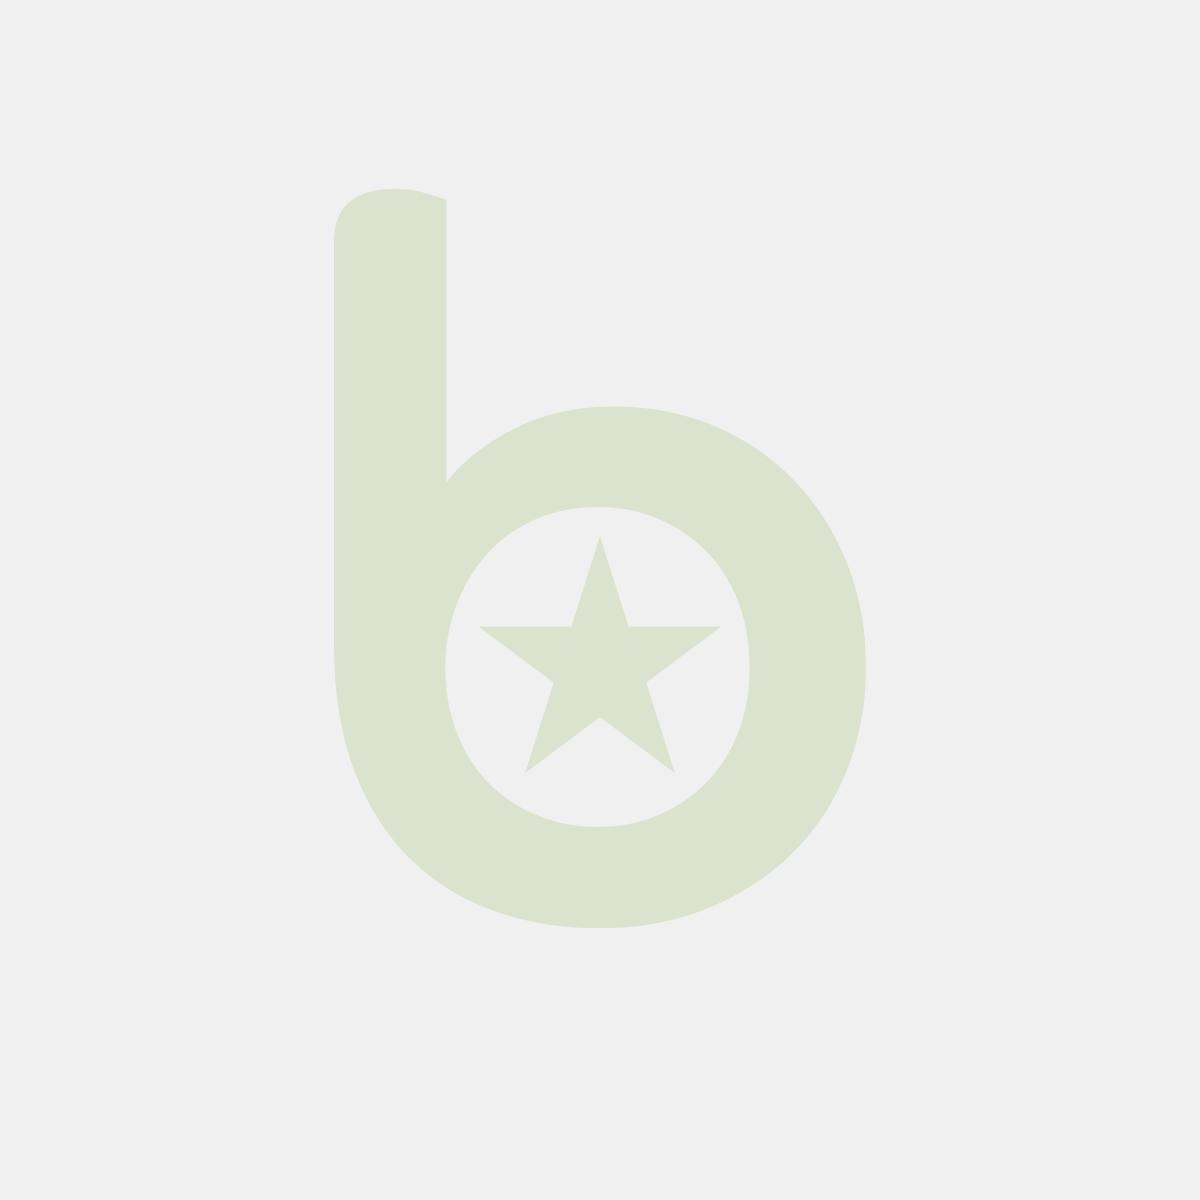 Witryna grzewcza podwójna - kod 273999